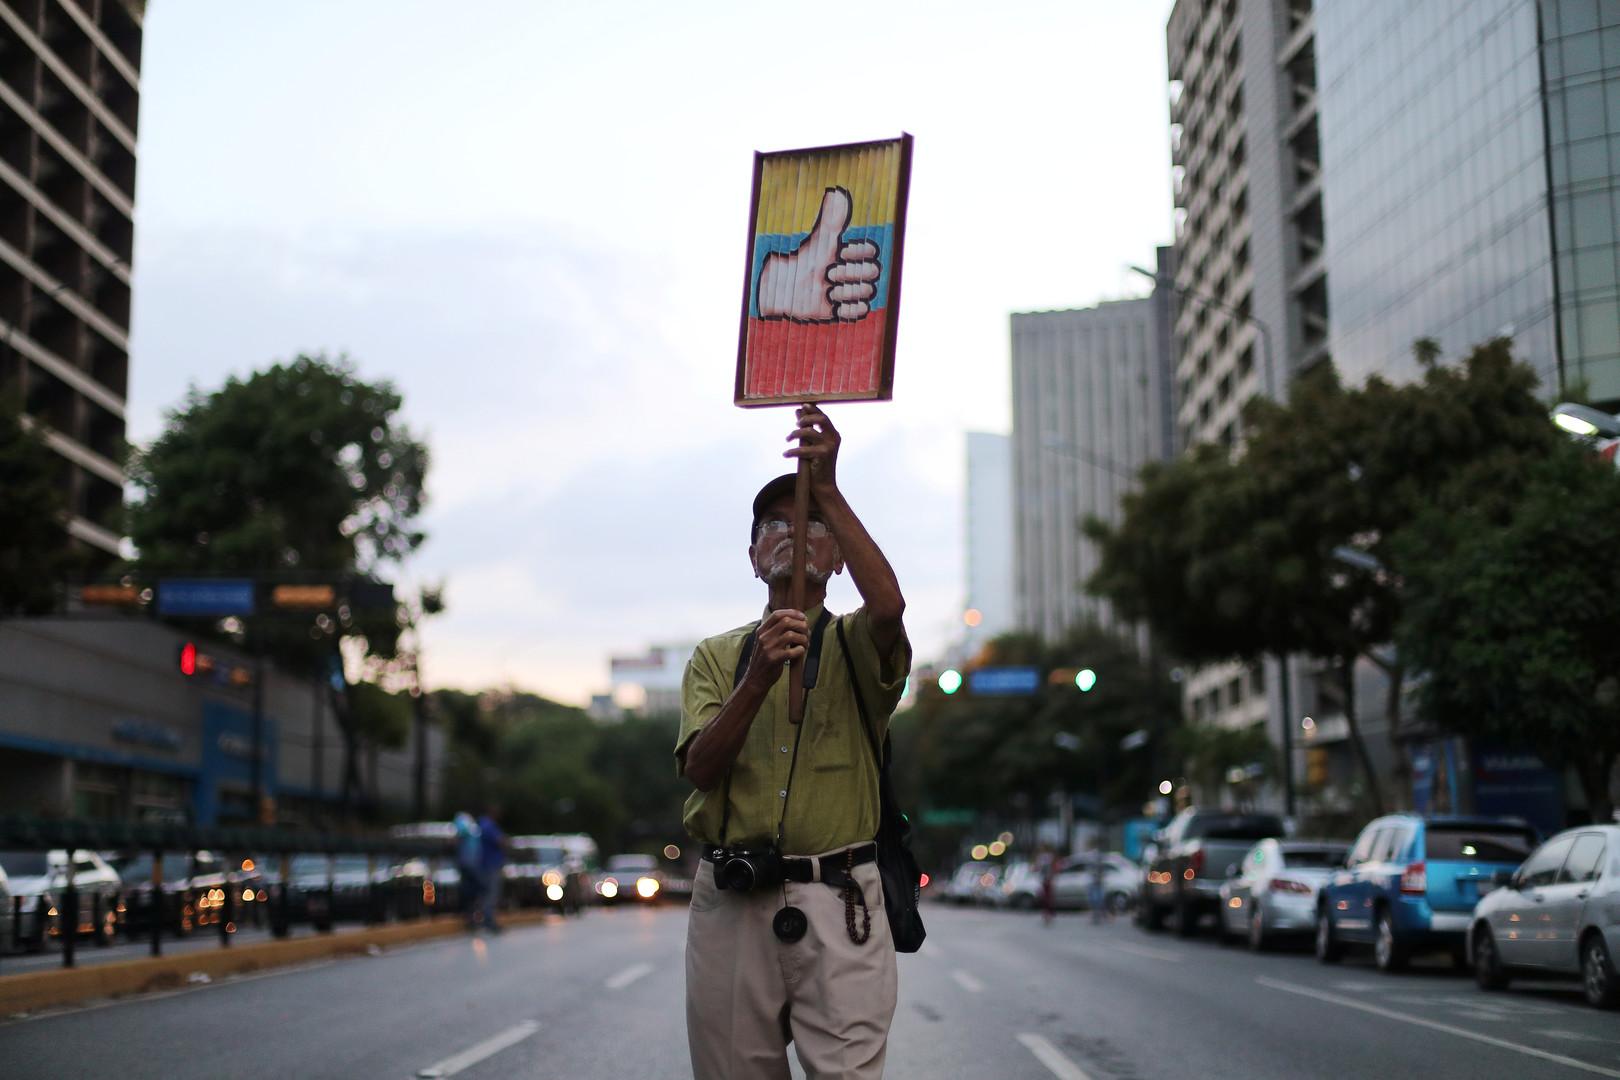 فنزويلا تدعو الولايات المتحدة للحوار واحترام القانون الدولي